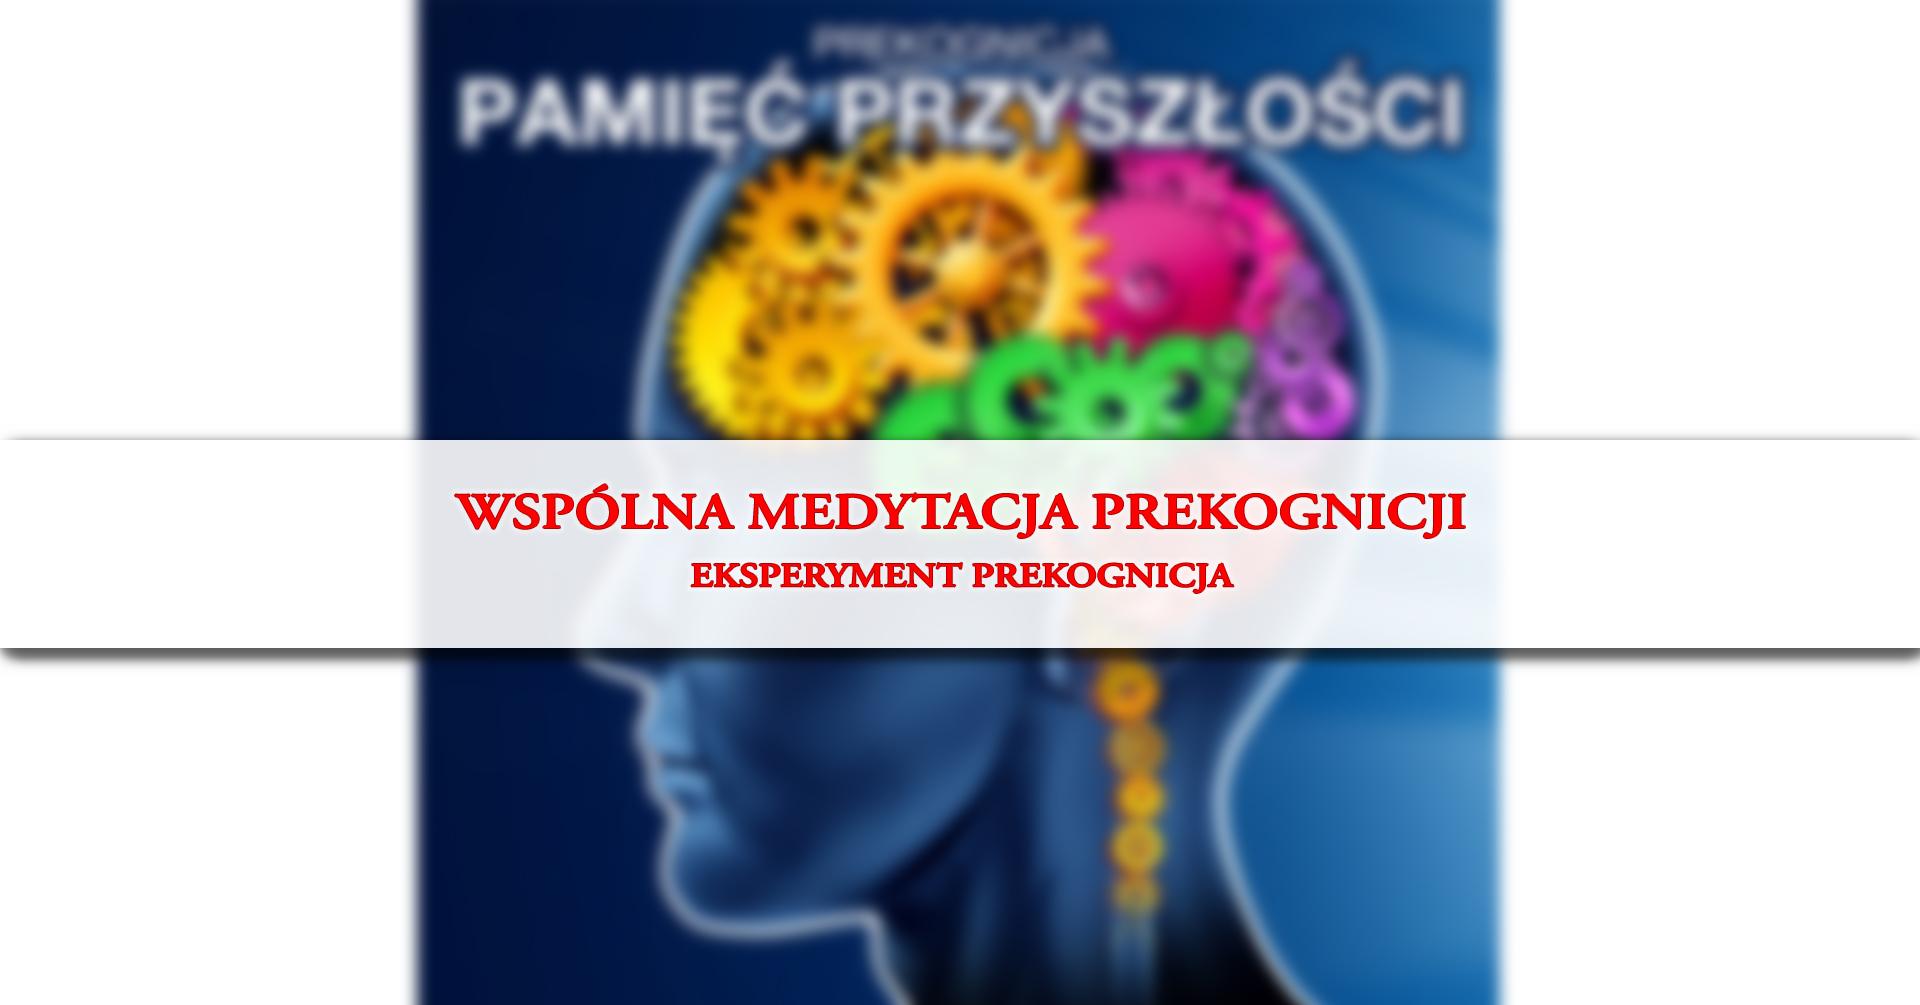 Eksperyment Prekognicja - wspólna medytacja prowadzona dla prekognicji